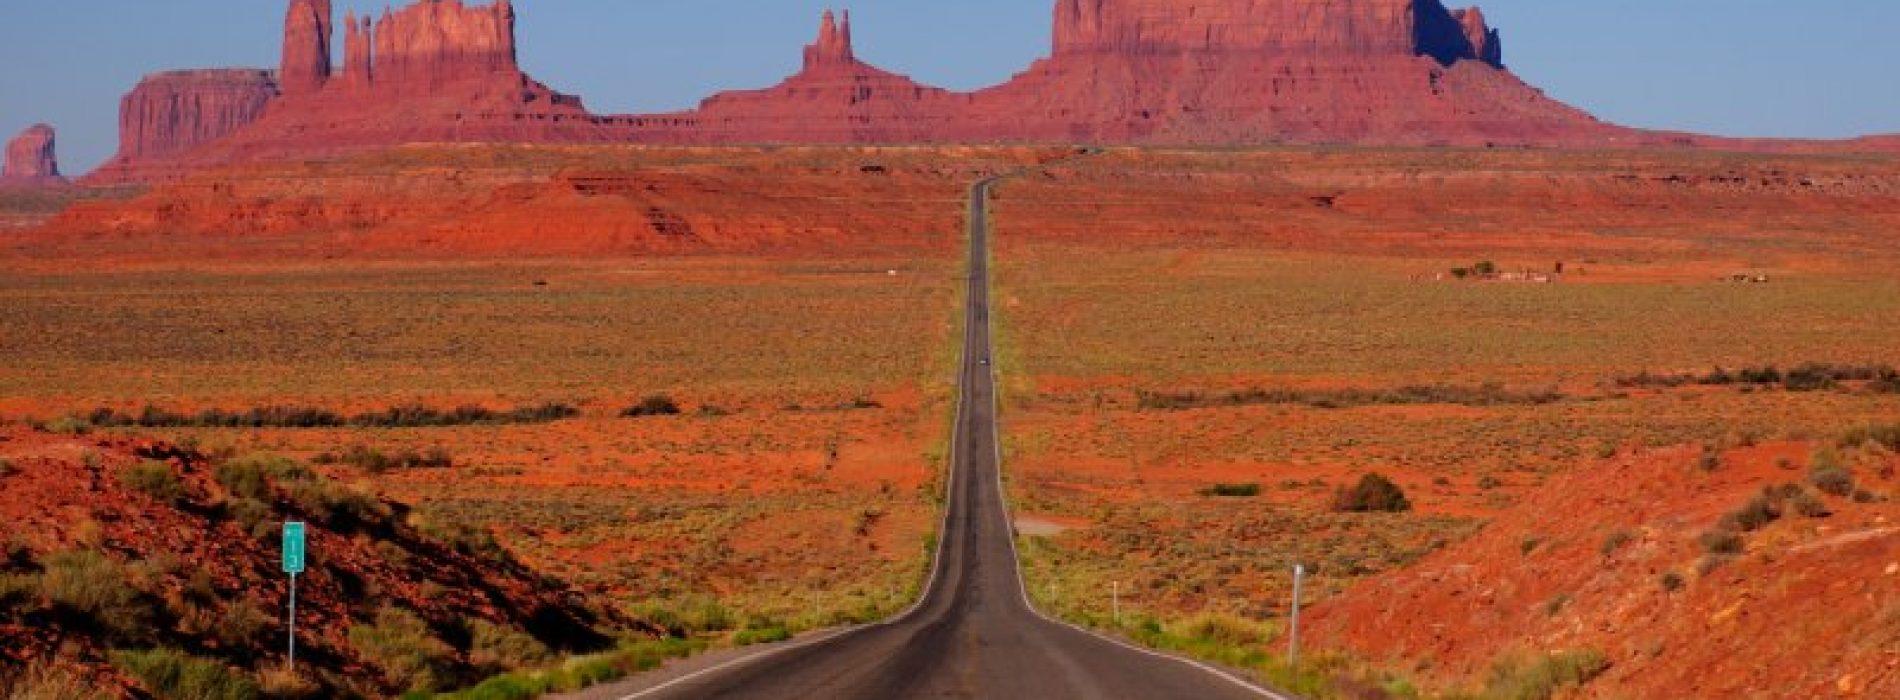 Bir İmpala 67 Uçsuz Bucaksız Uzayan Yol Route 66